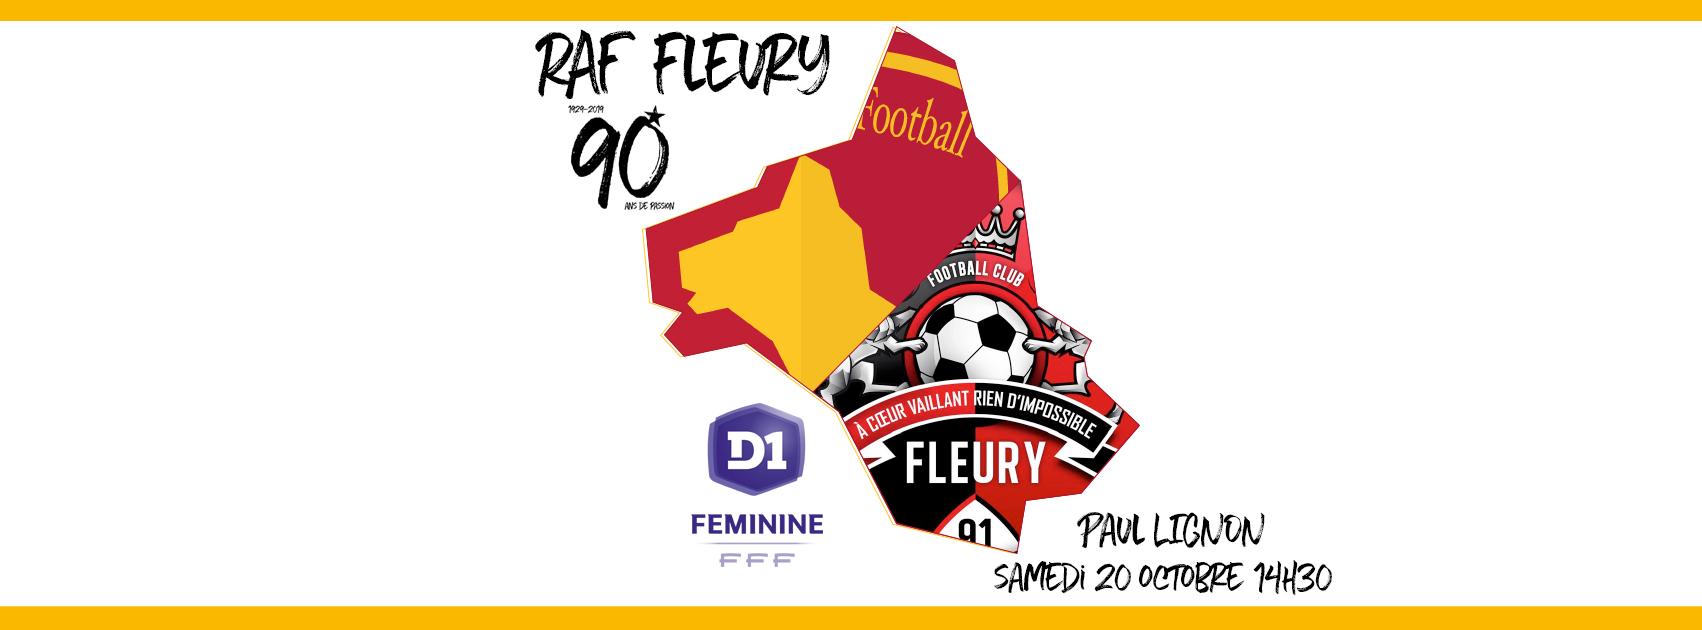 RAF_Fleury